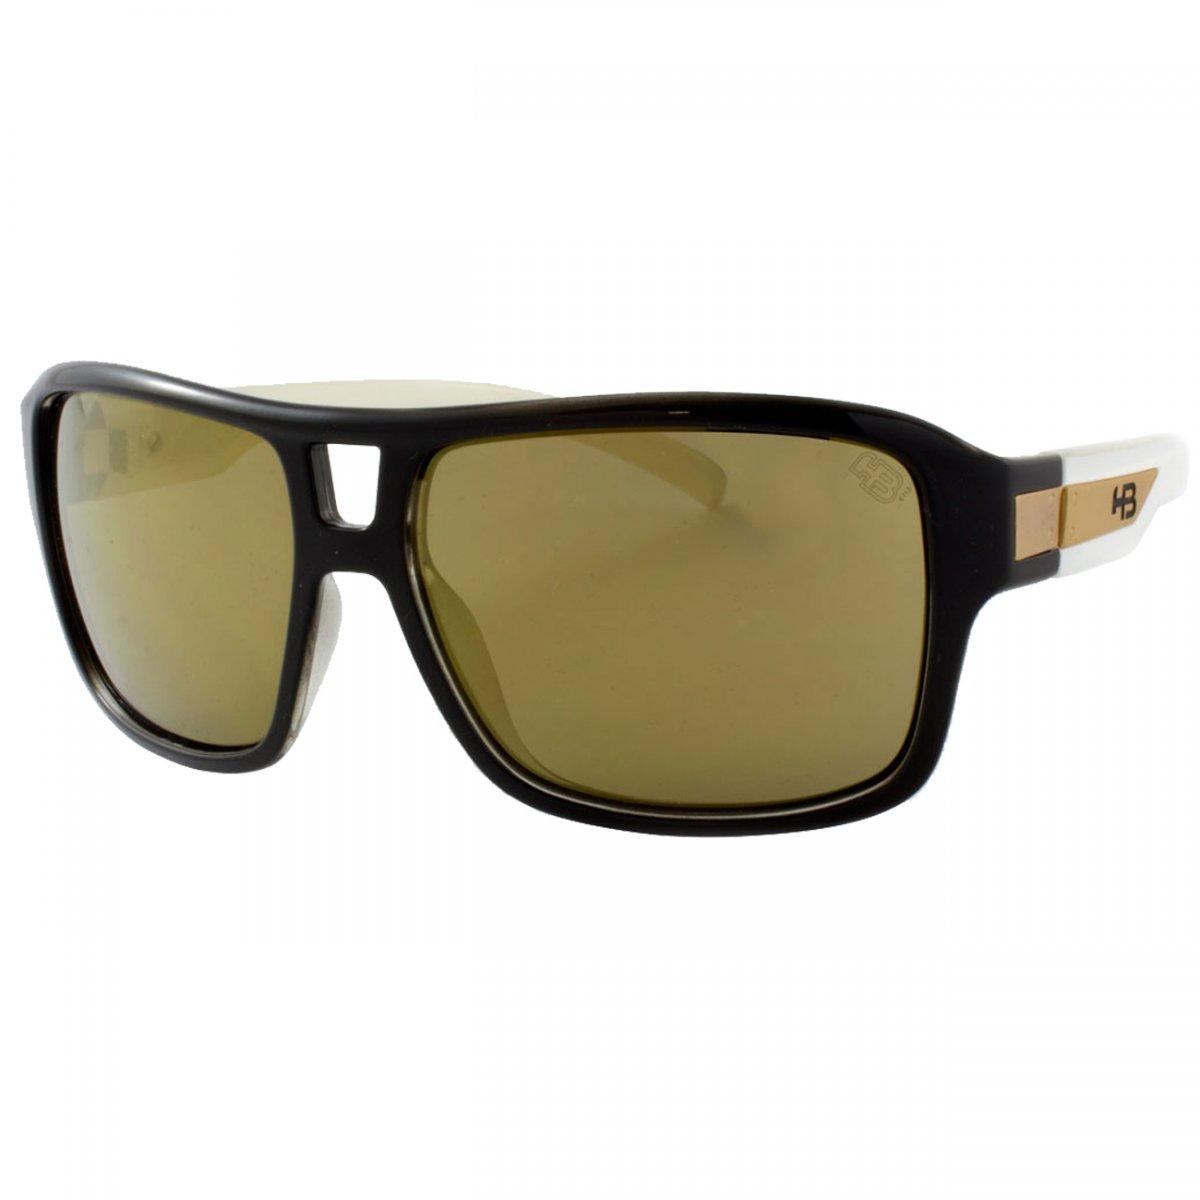 Óculos HB Storm Espelhado 9010141502 - Preto gloss branco gold - Chuteira  Nike, Adidas. Sandalias Femininas. Sandy Calçados a95f1b8786